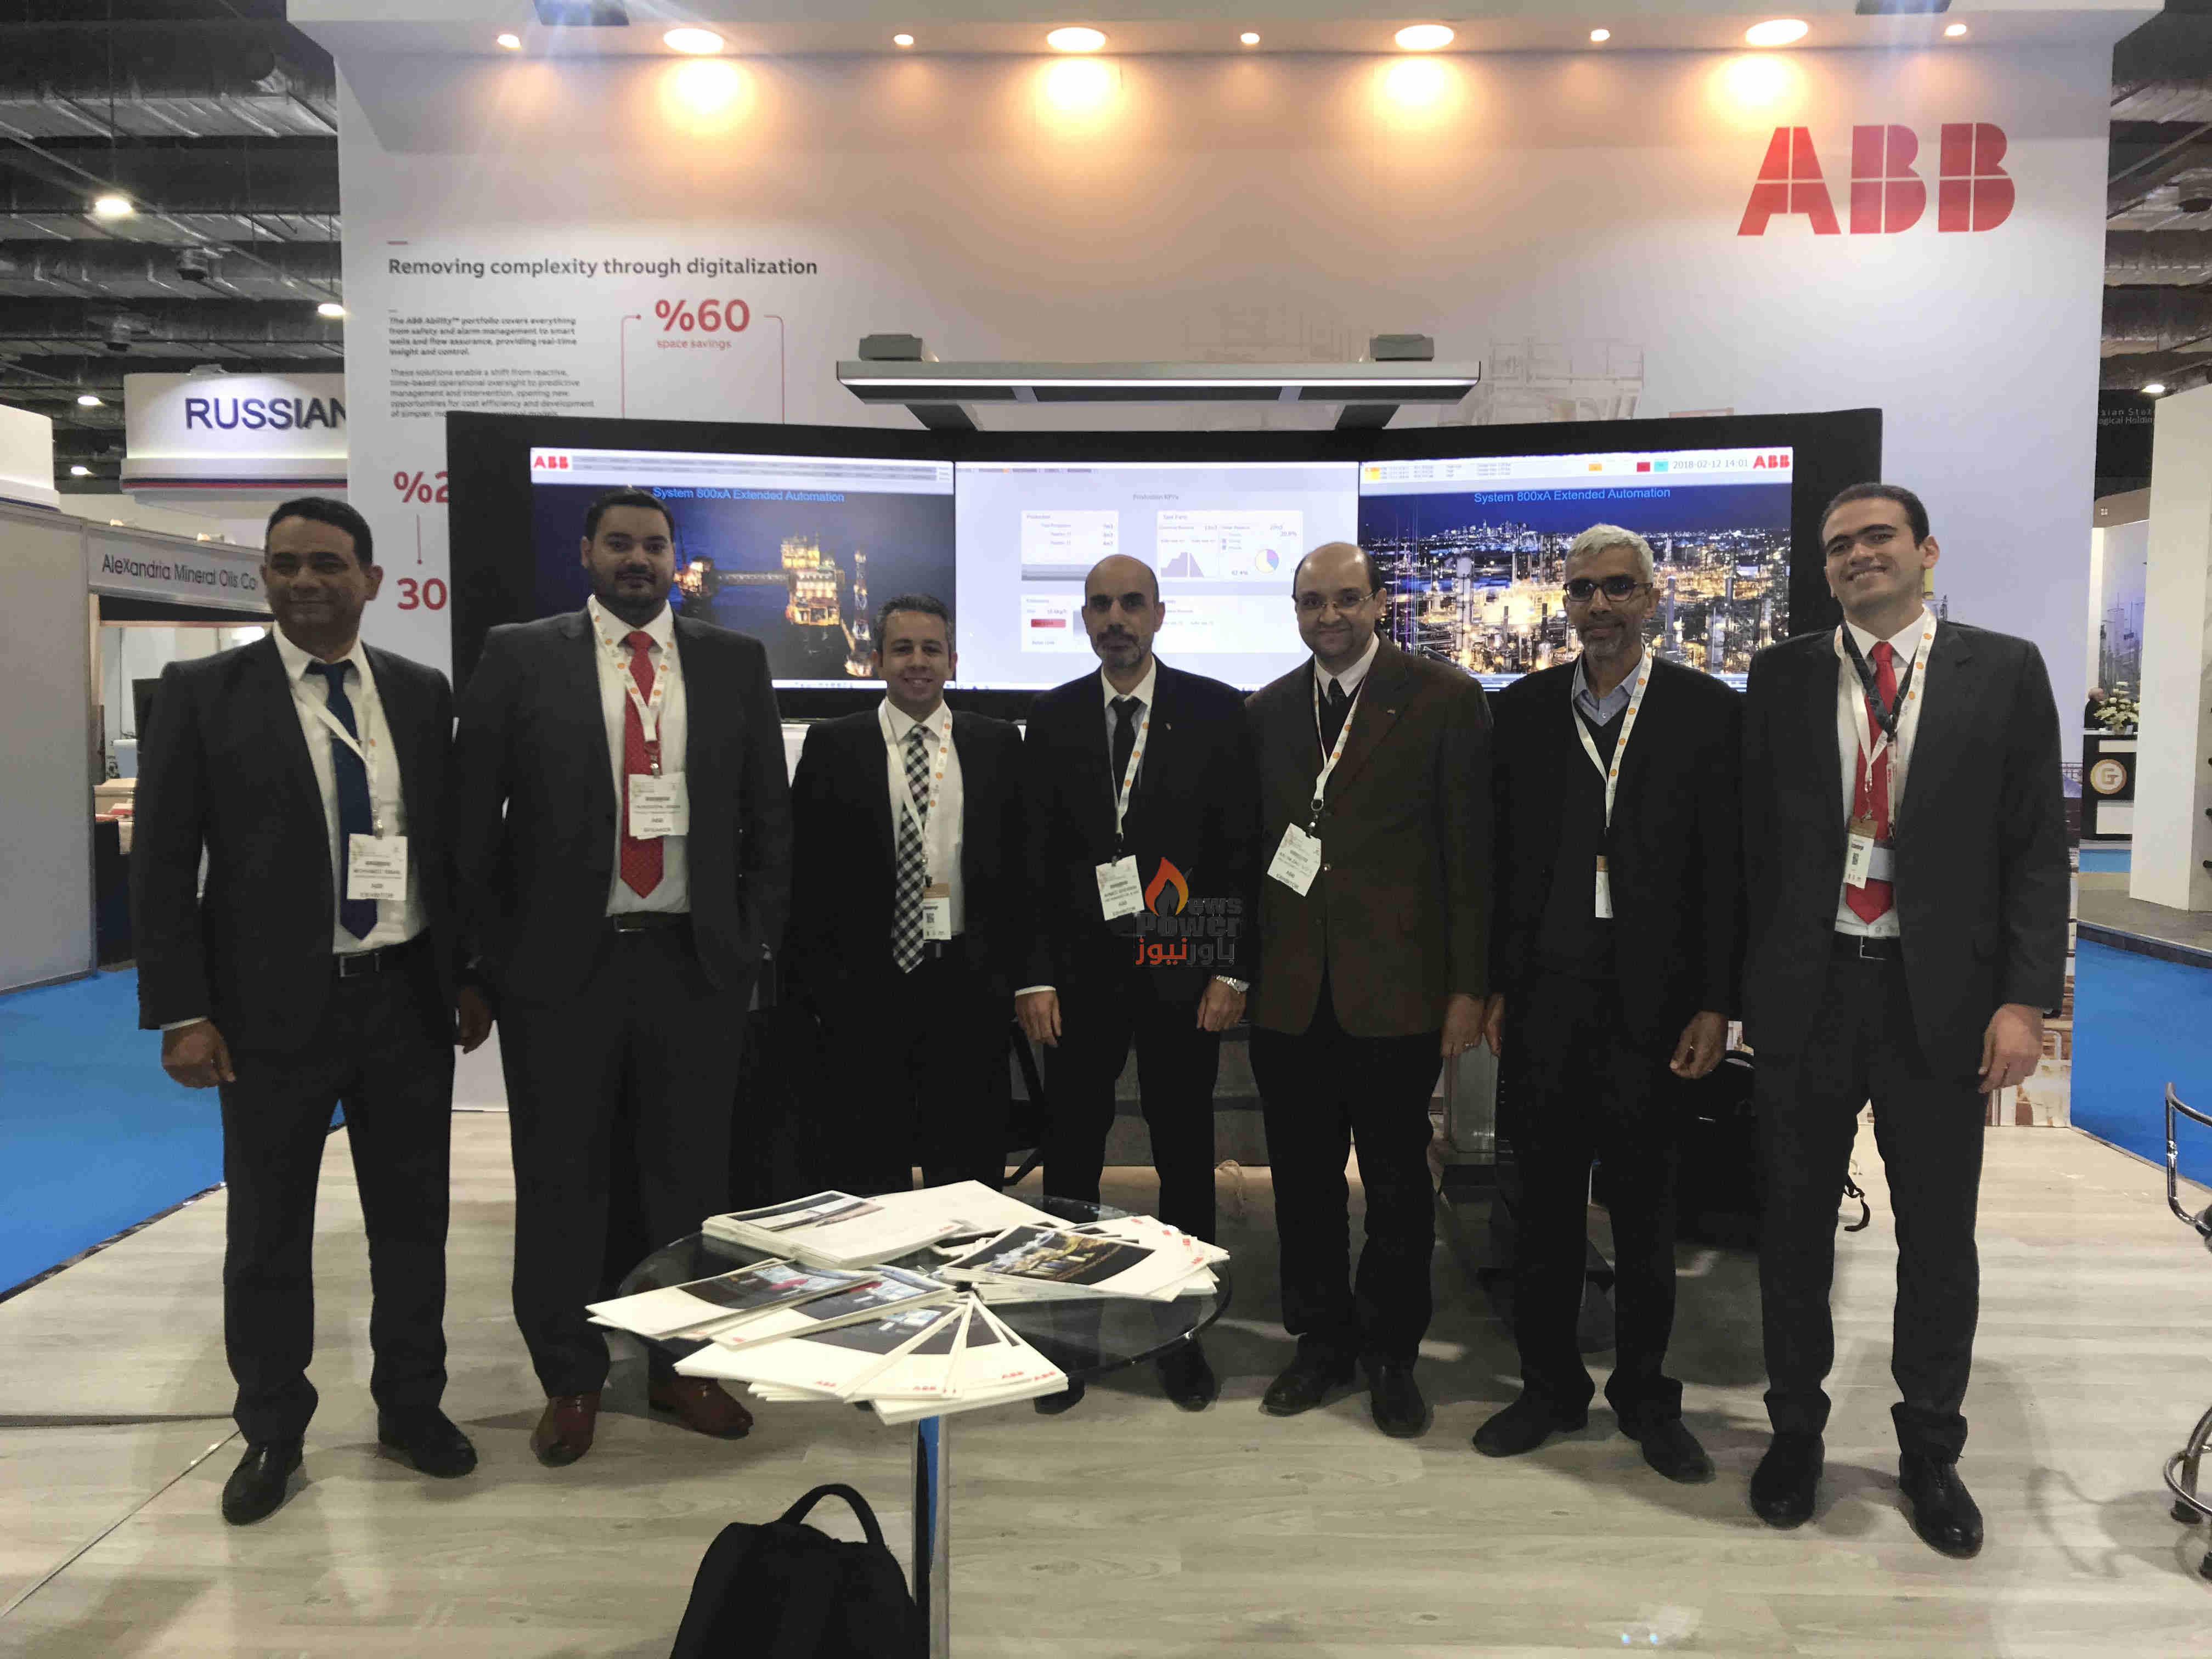 ABB مصر تقدم حلول التحول الرقمي والتحكم الآلي لقطاع النفط والغاز الواعد بمصر